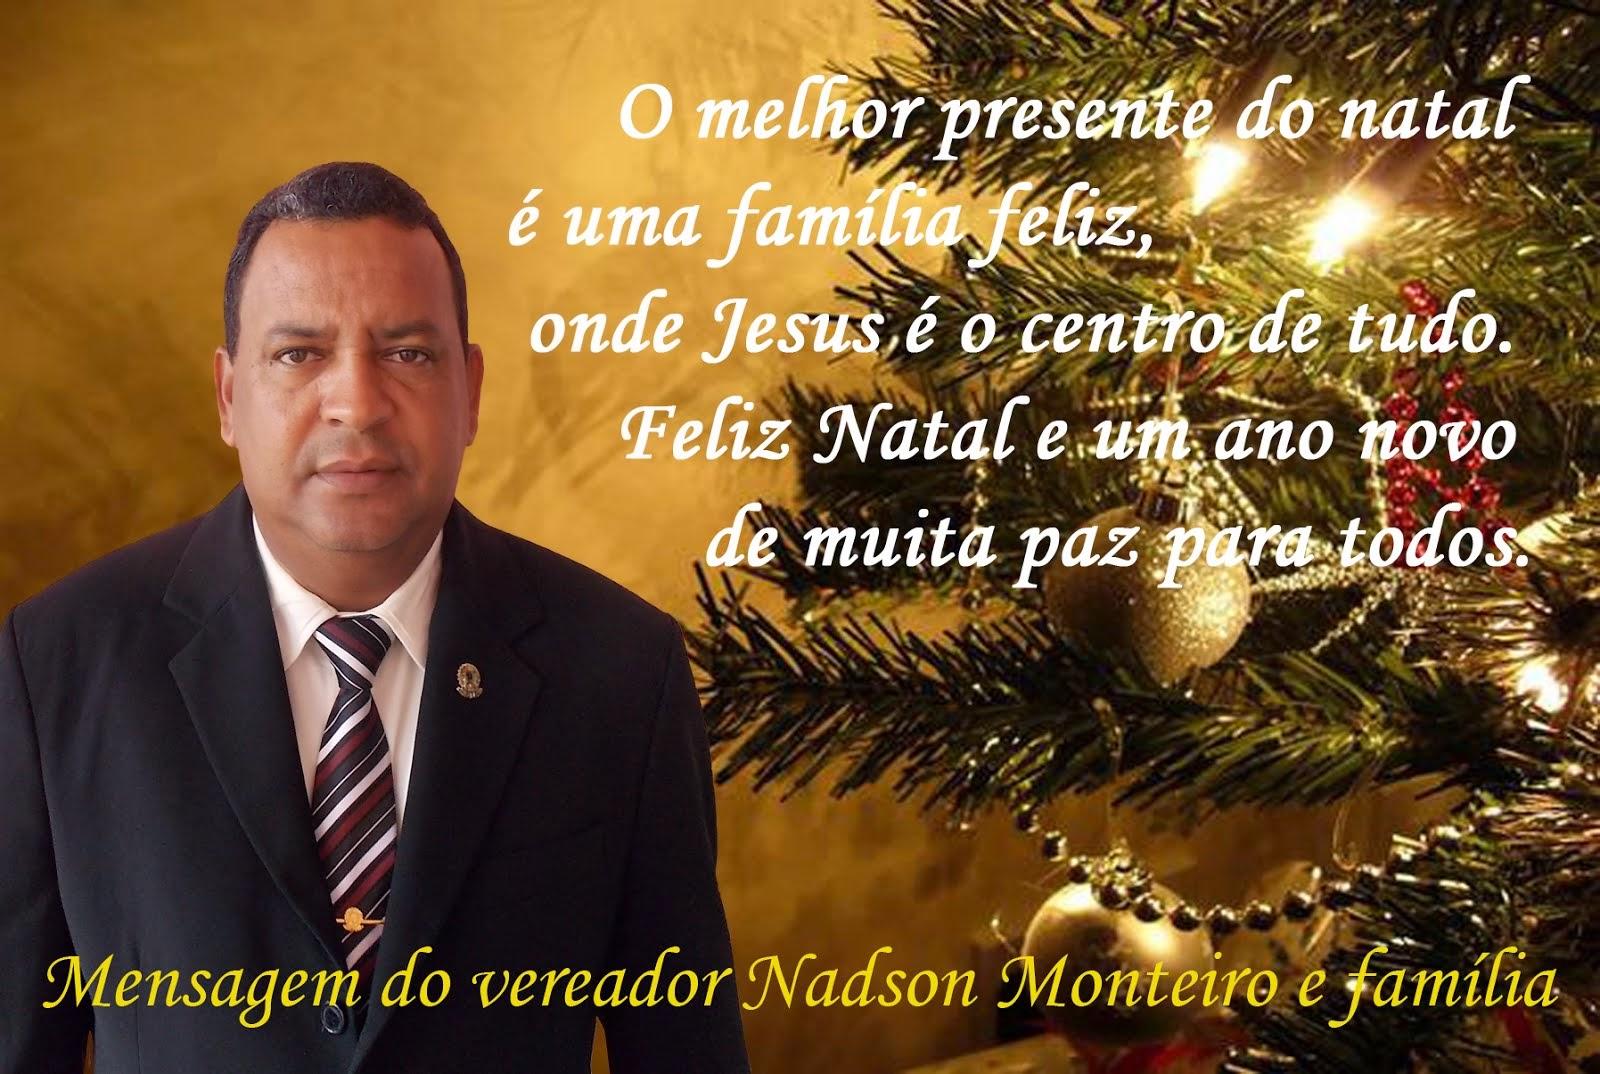 MENSAGEM DO VEREADOR NADSON MONTEIRO